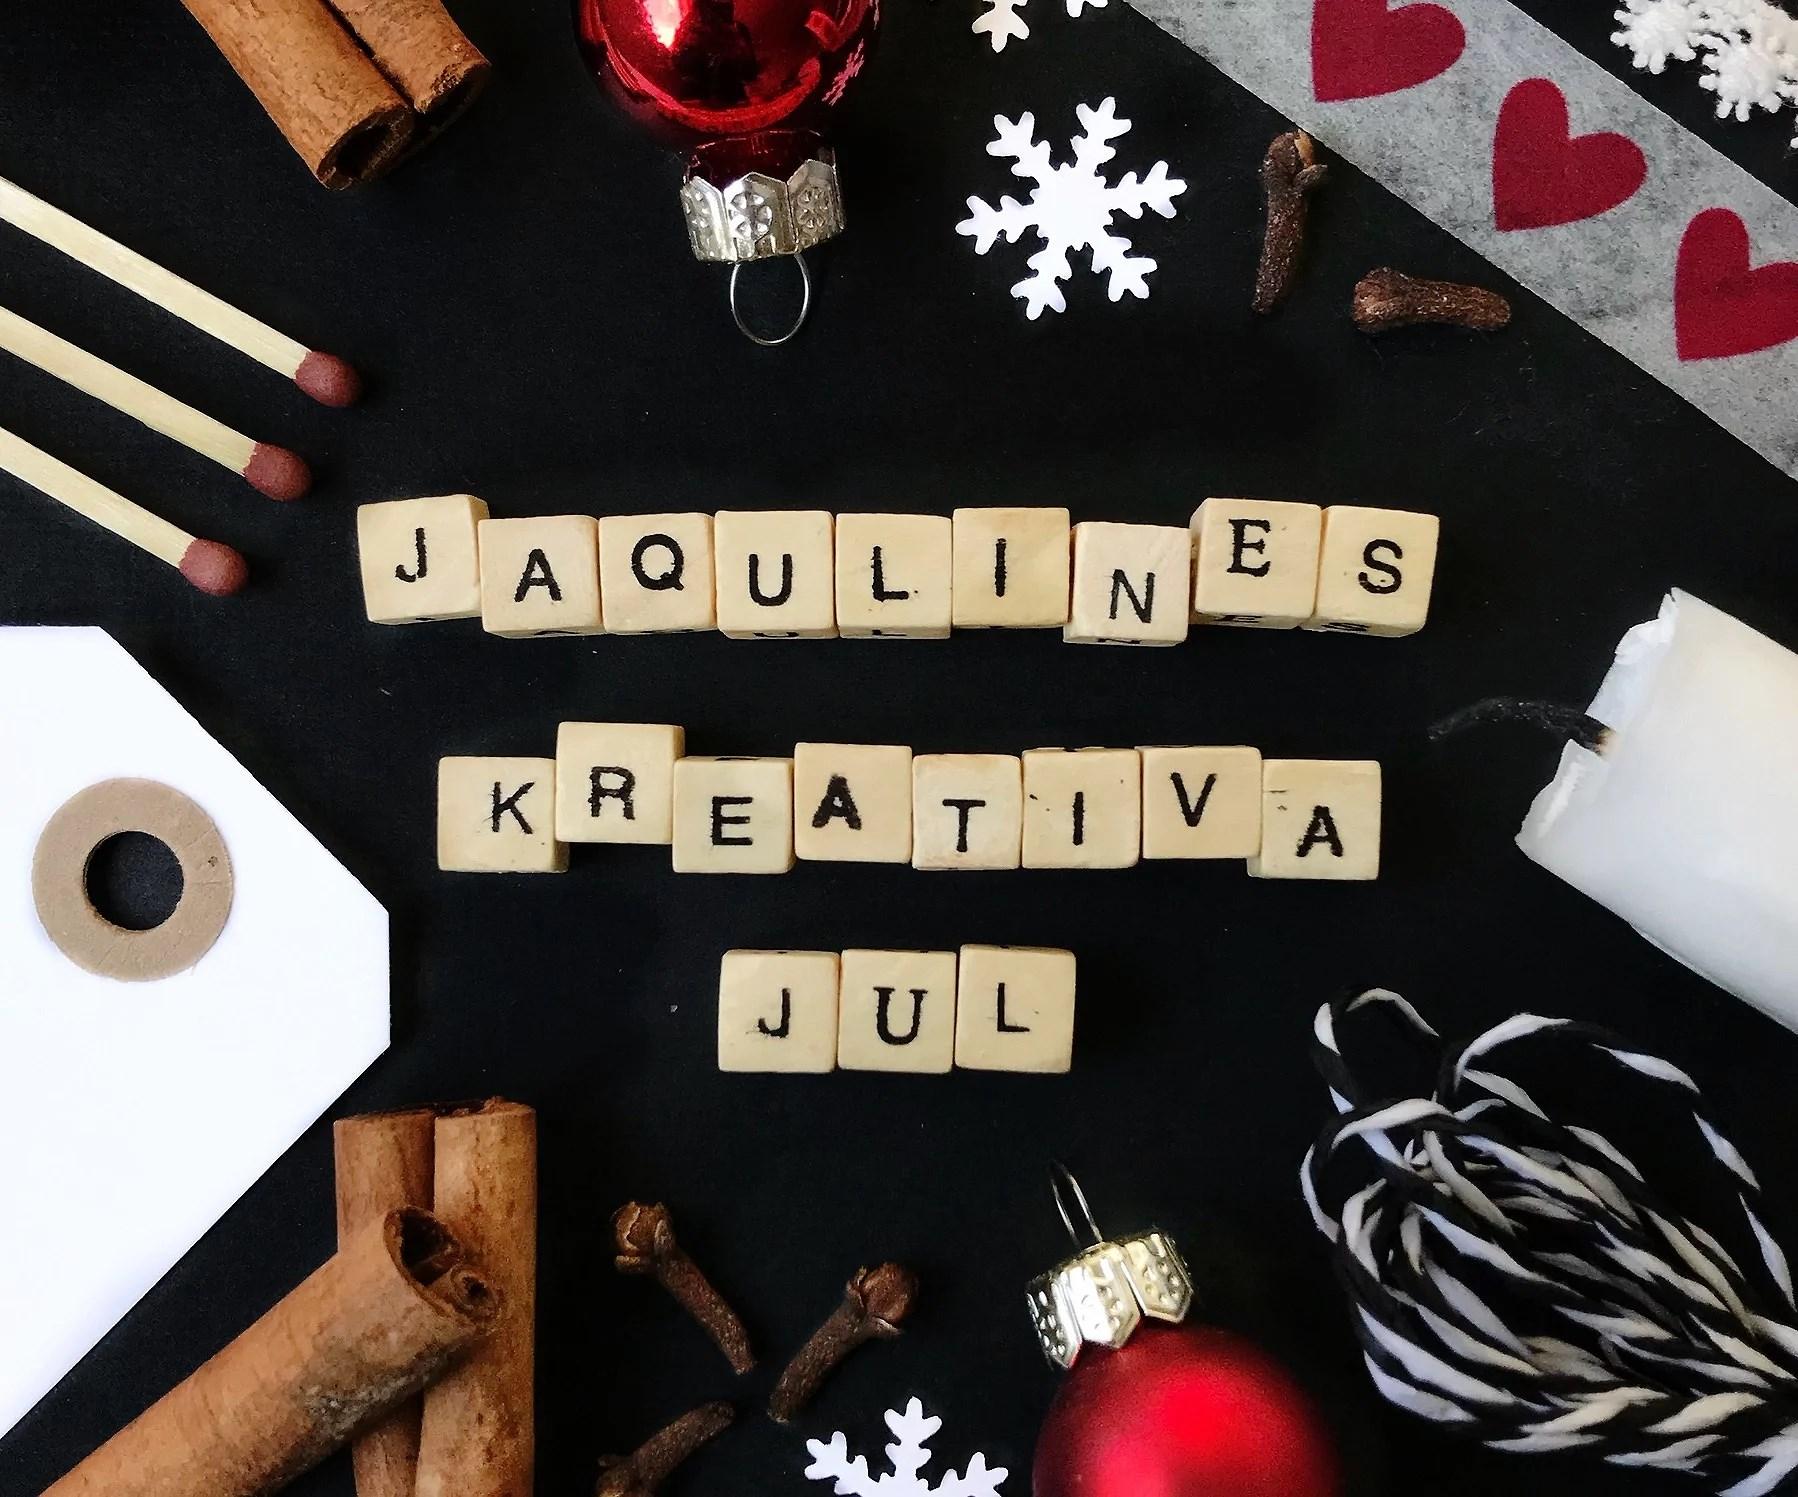 Jaqulines kreativa jul